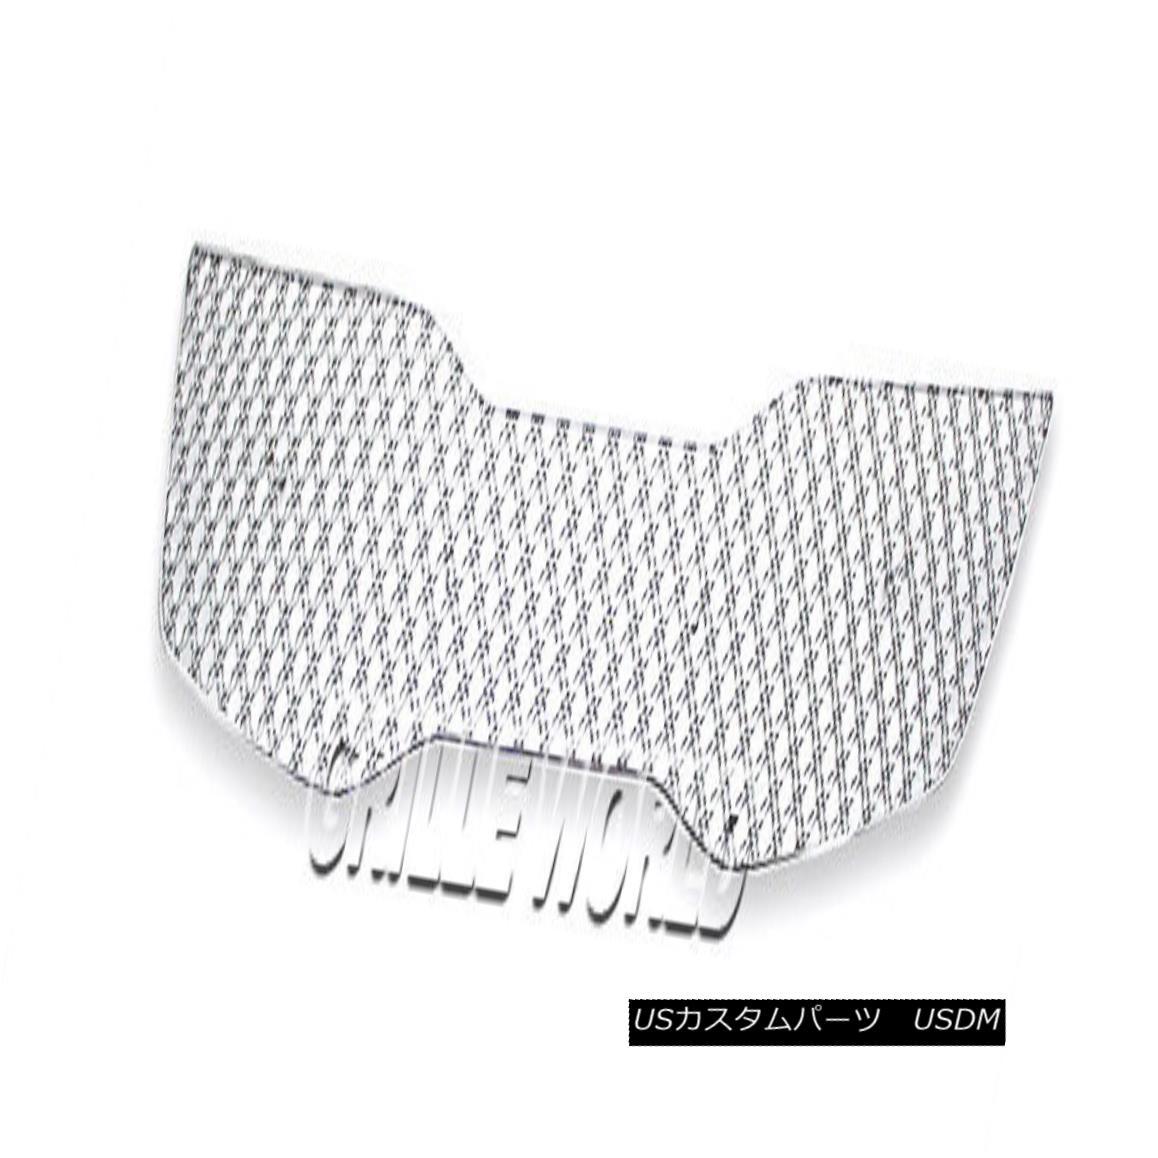 グリル For 2011-2014 Kia Optima SX/EX/Hybrid Stainless Double Wire X Mesh Grille Grill 2011年?2014年Kia Optima SX / EX /ハイブリッドステンレスダブルワイヤーXメッシュグリルグリル